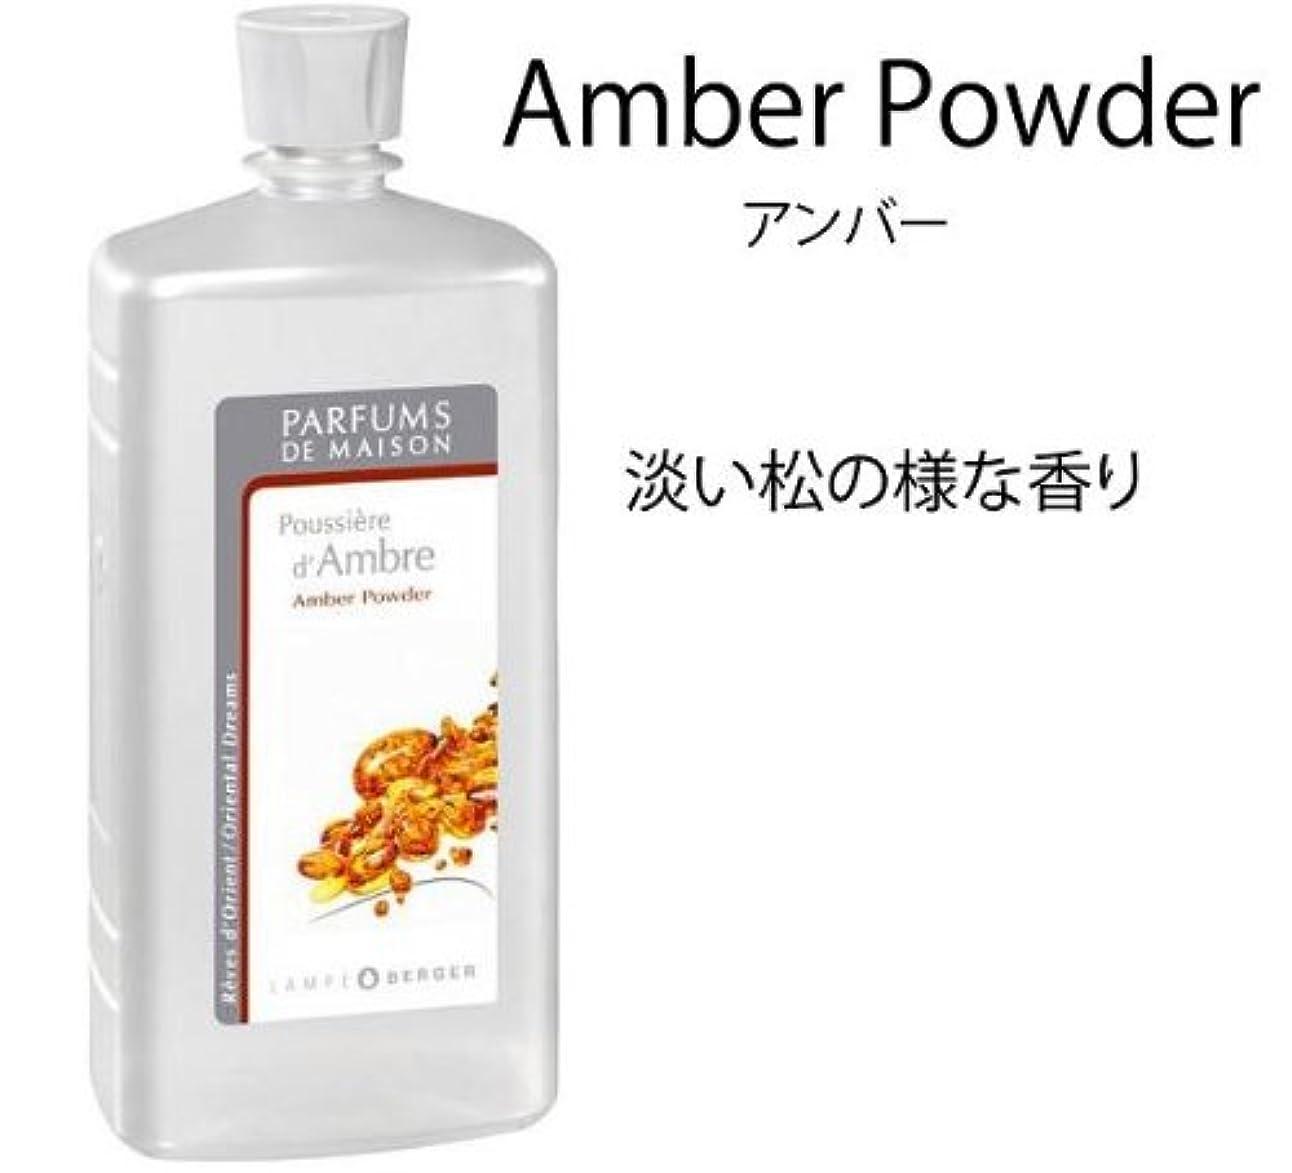 引退した襲撃現金【LAMP BERGER】France1000ml/Aroma Oil●Amber Powder●アンバー